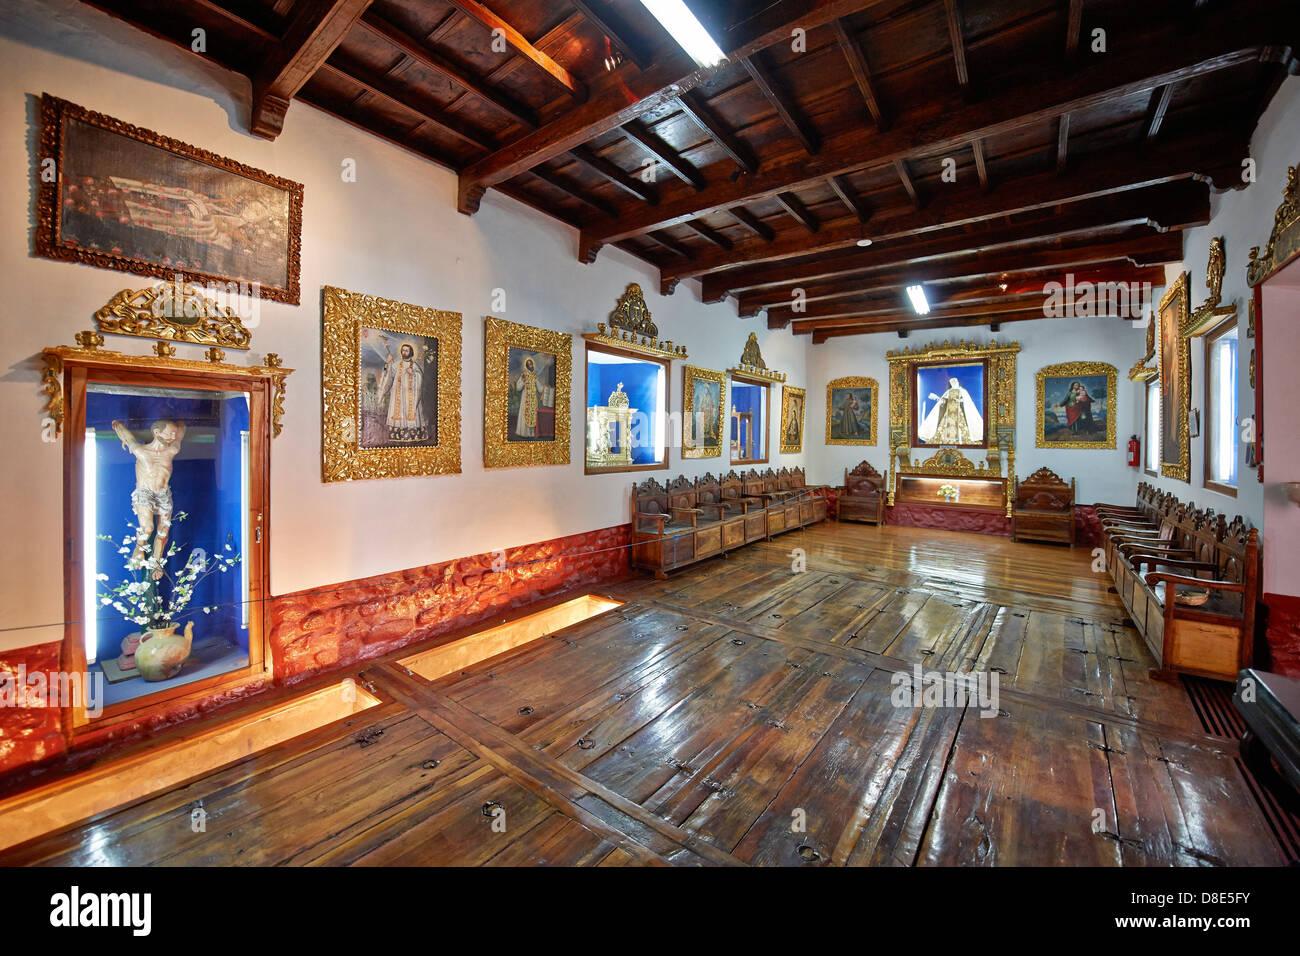 Convento de Santa Teresa, Potosi, Bolivia - Stock Image